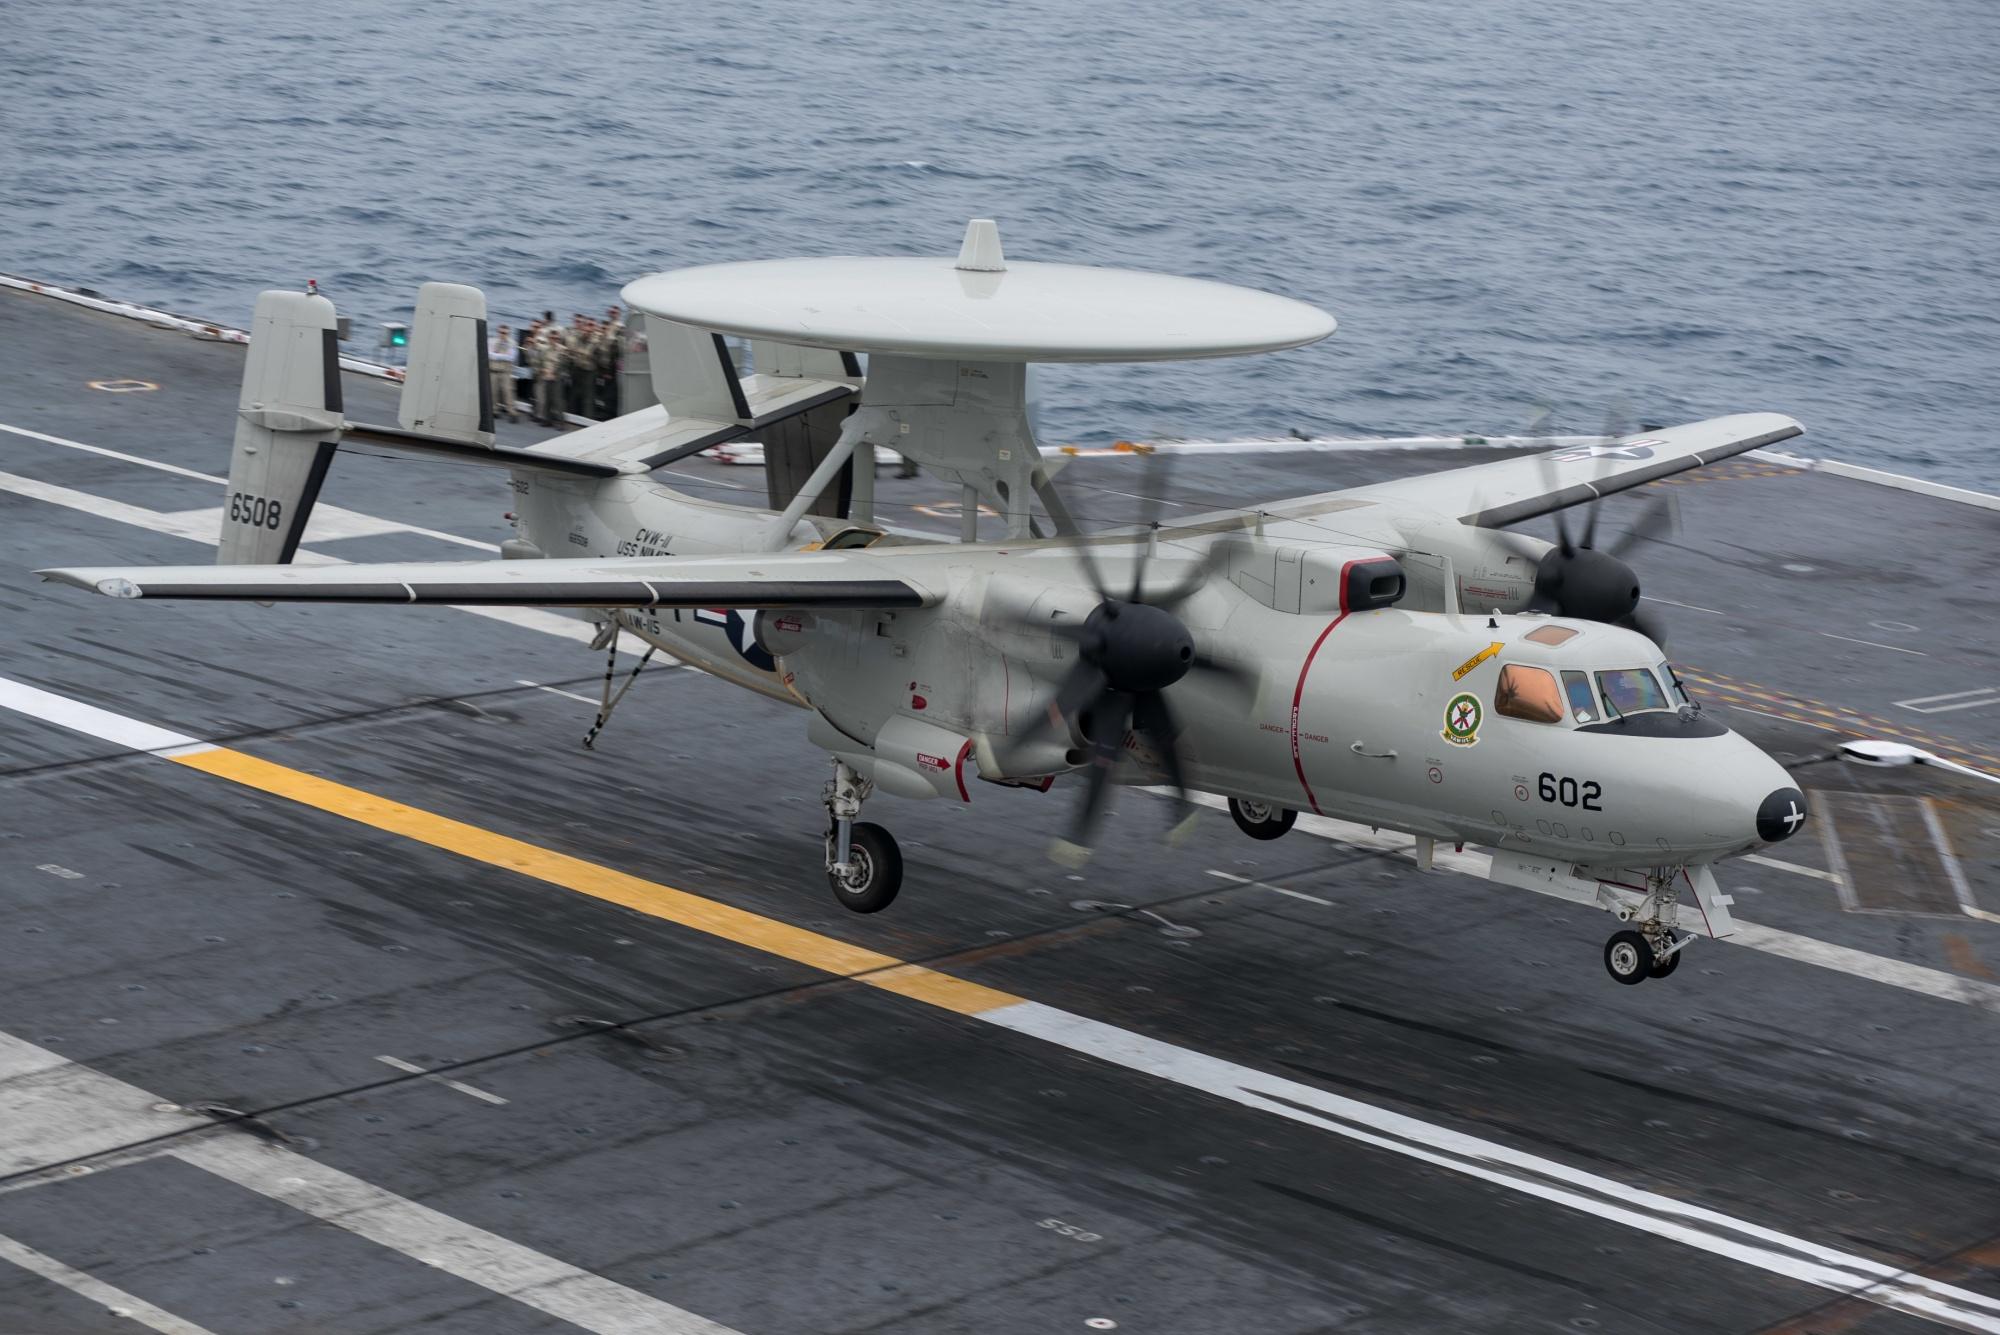 美军航母在中东出事:预警机着舰撞坏4架战斗机